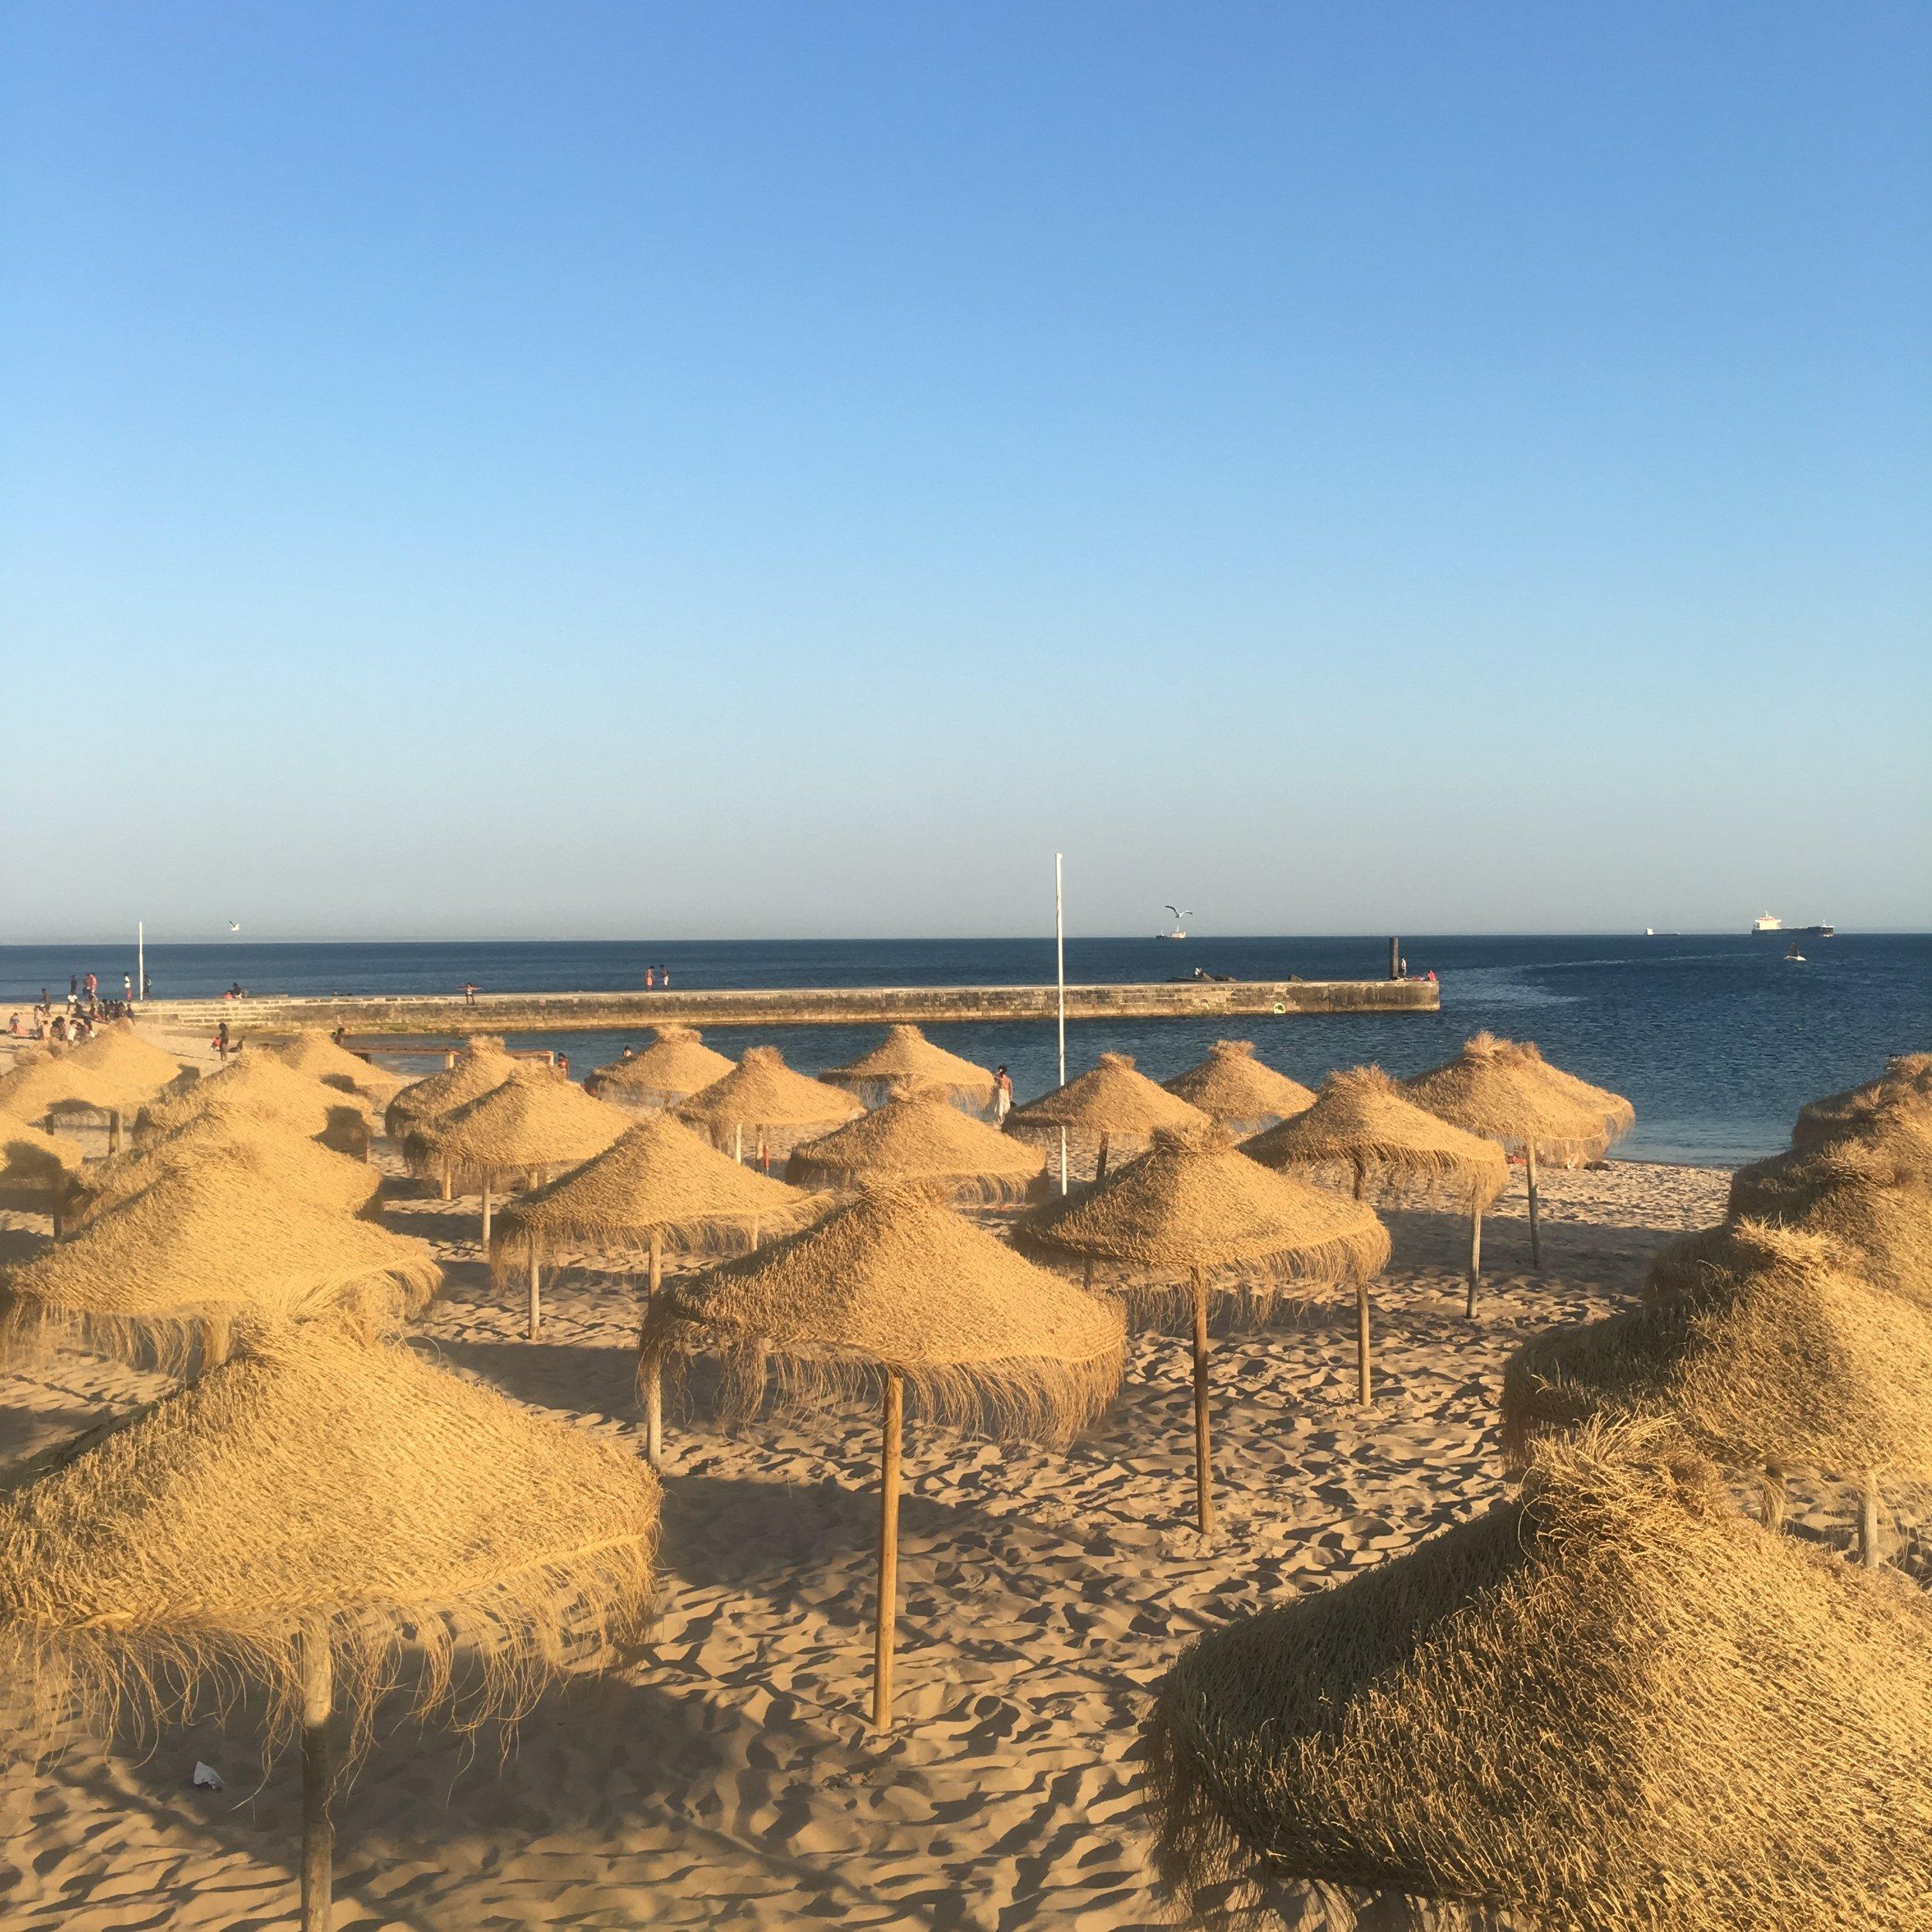 Florum Fashion Magazine - Estoril Portugal Beaches - Eco Tourism - Green Travel - Sustainable Life